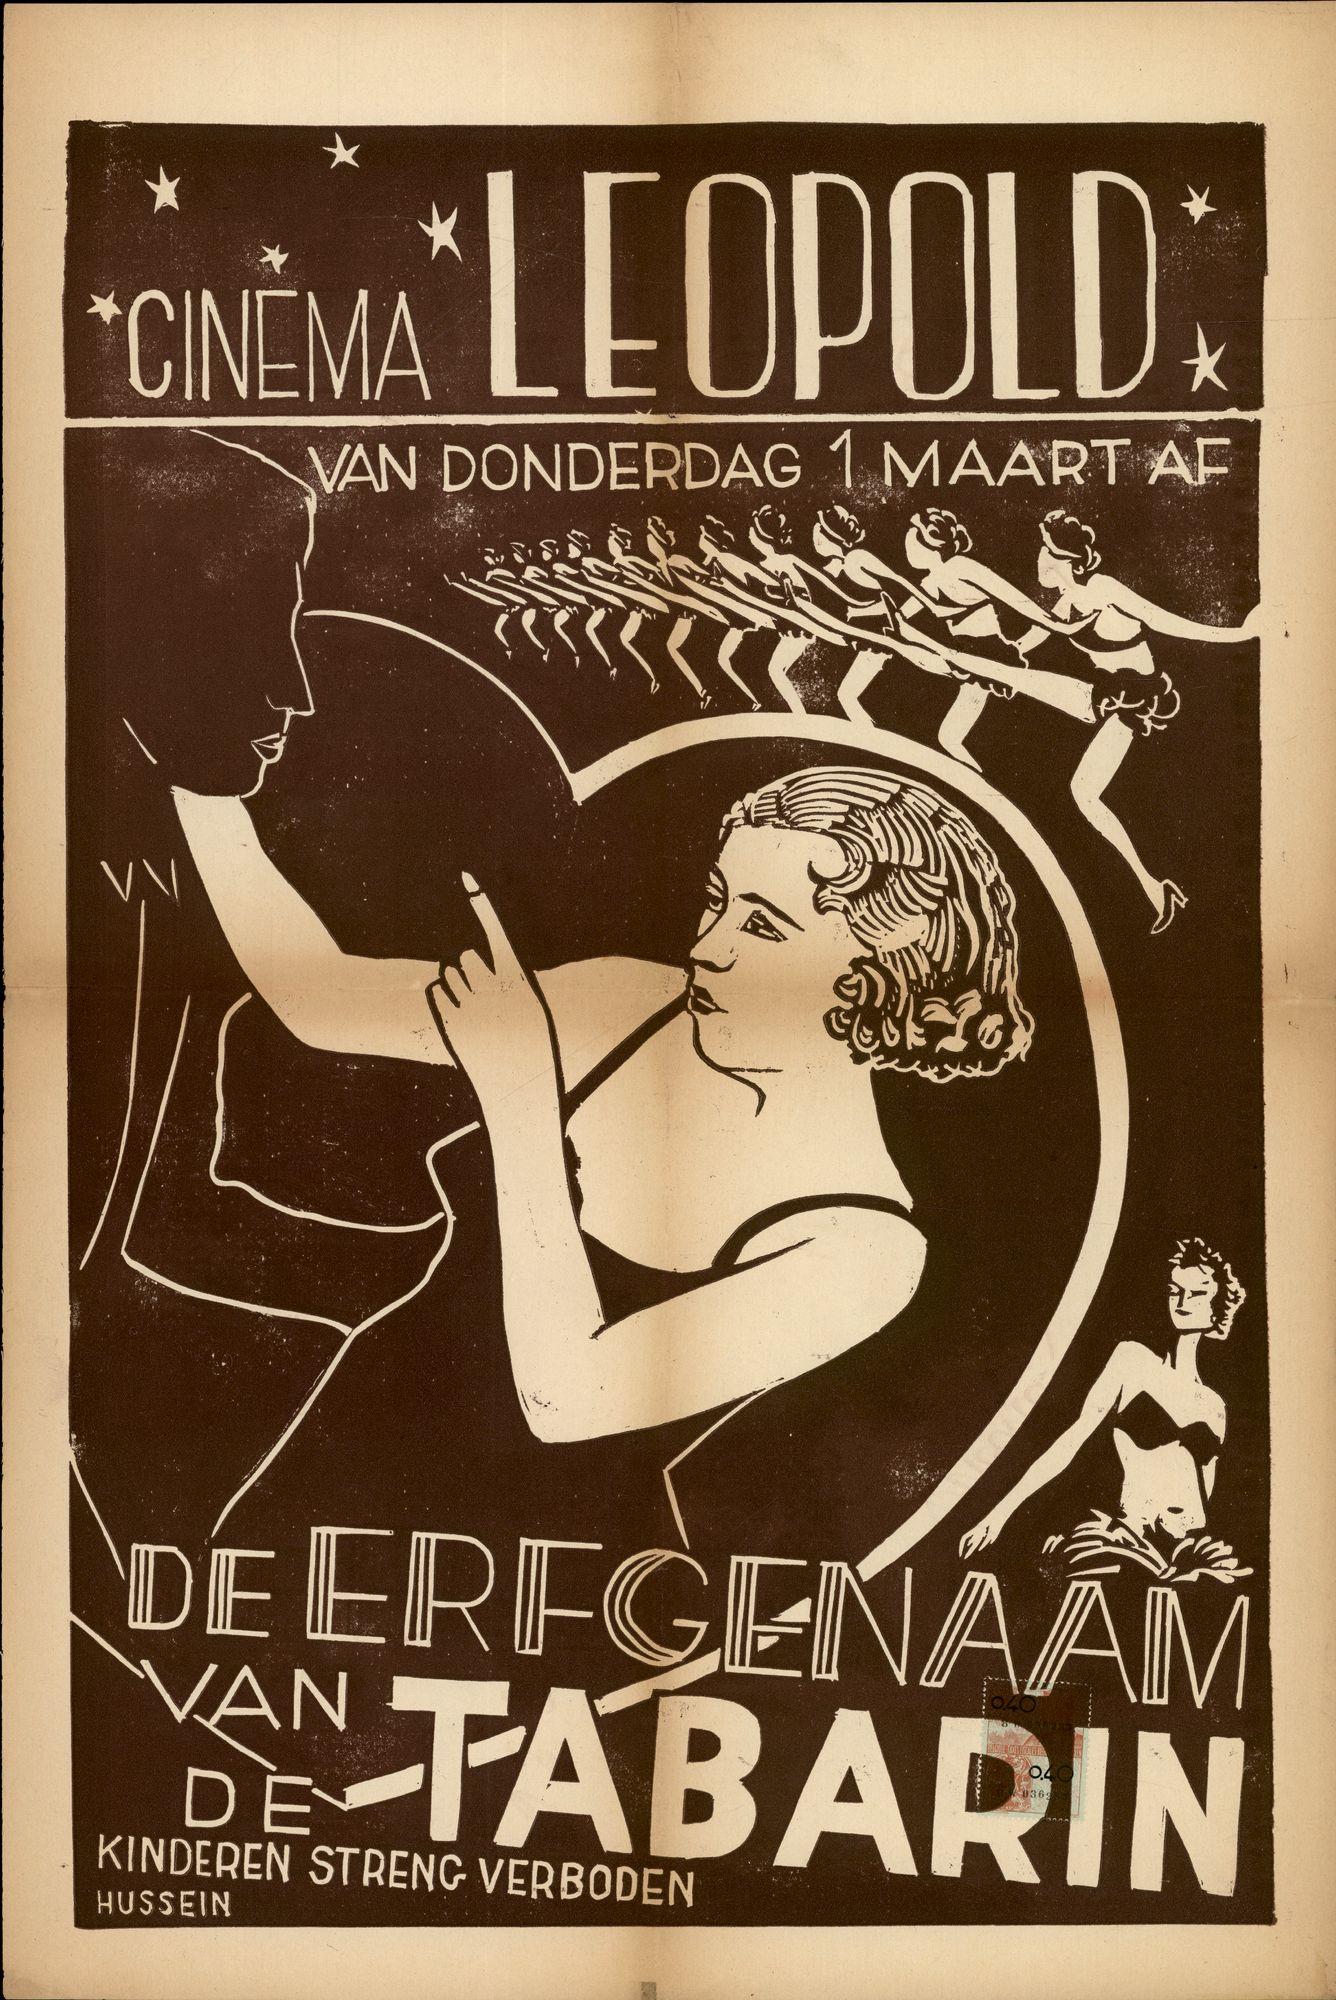 De Erfgenaam van de Tabarin | Cinema Leopold, Gent, vanaf 1 maart 1951